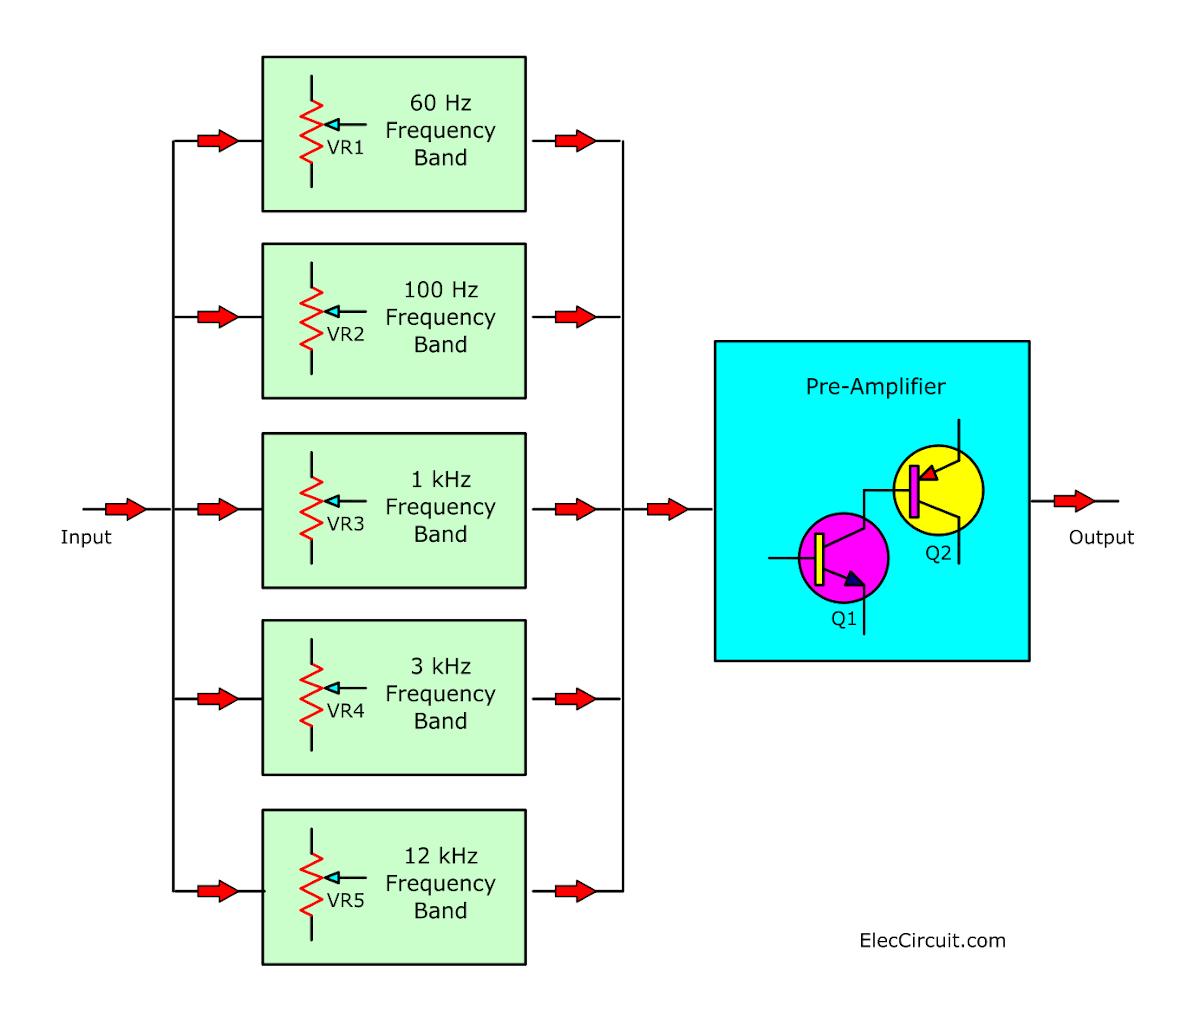 Transistor equalizer circuit diagram | ElecCircuit.com